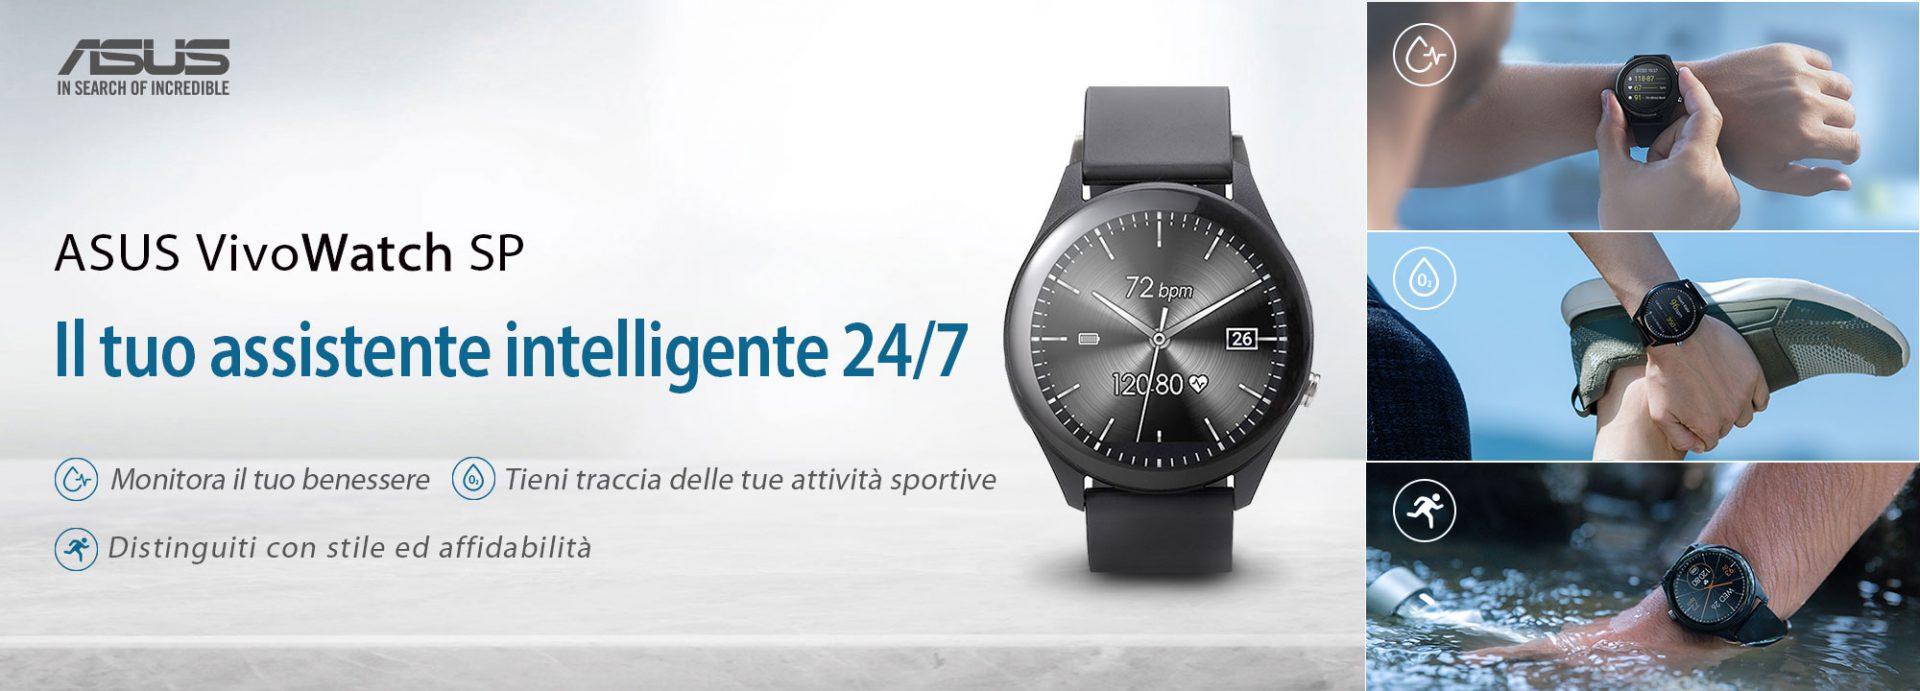 ASUS annuncia la disponibilità in Italia del VivoWatch SP, un tracker di benessere intelligentein grado di monitorare 24/7 il nostro corpo.